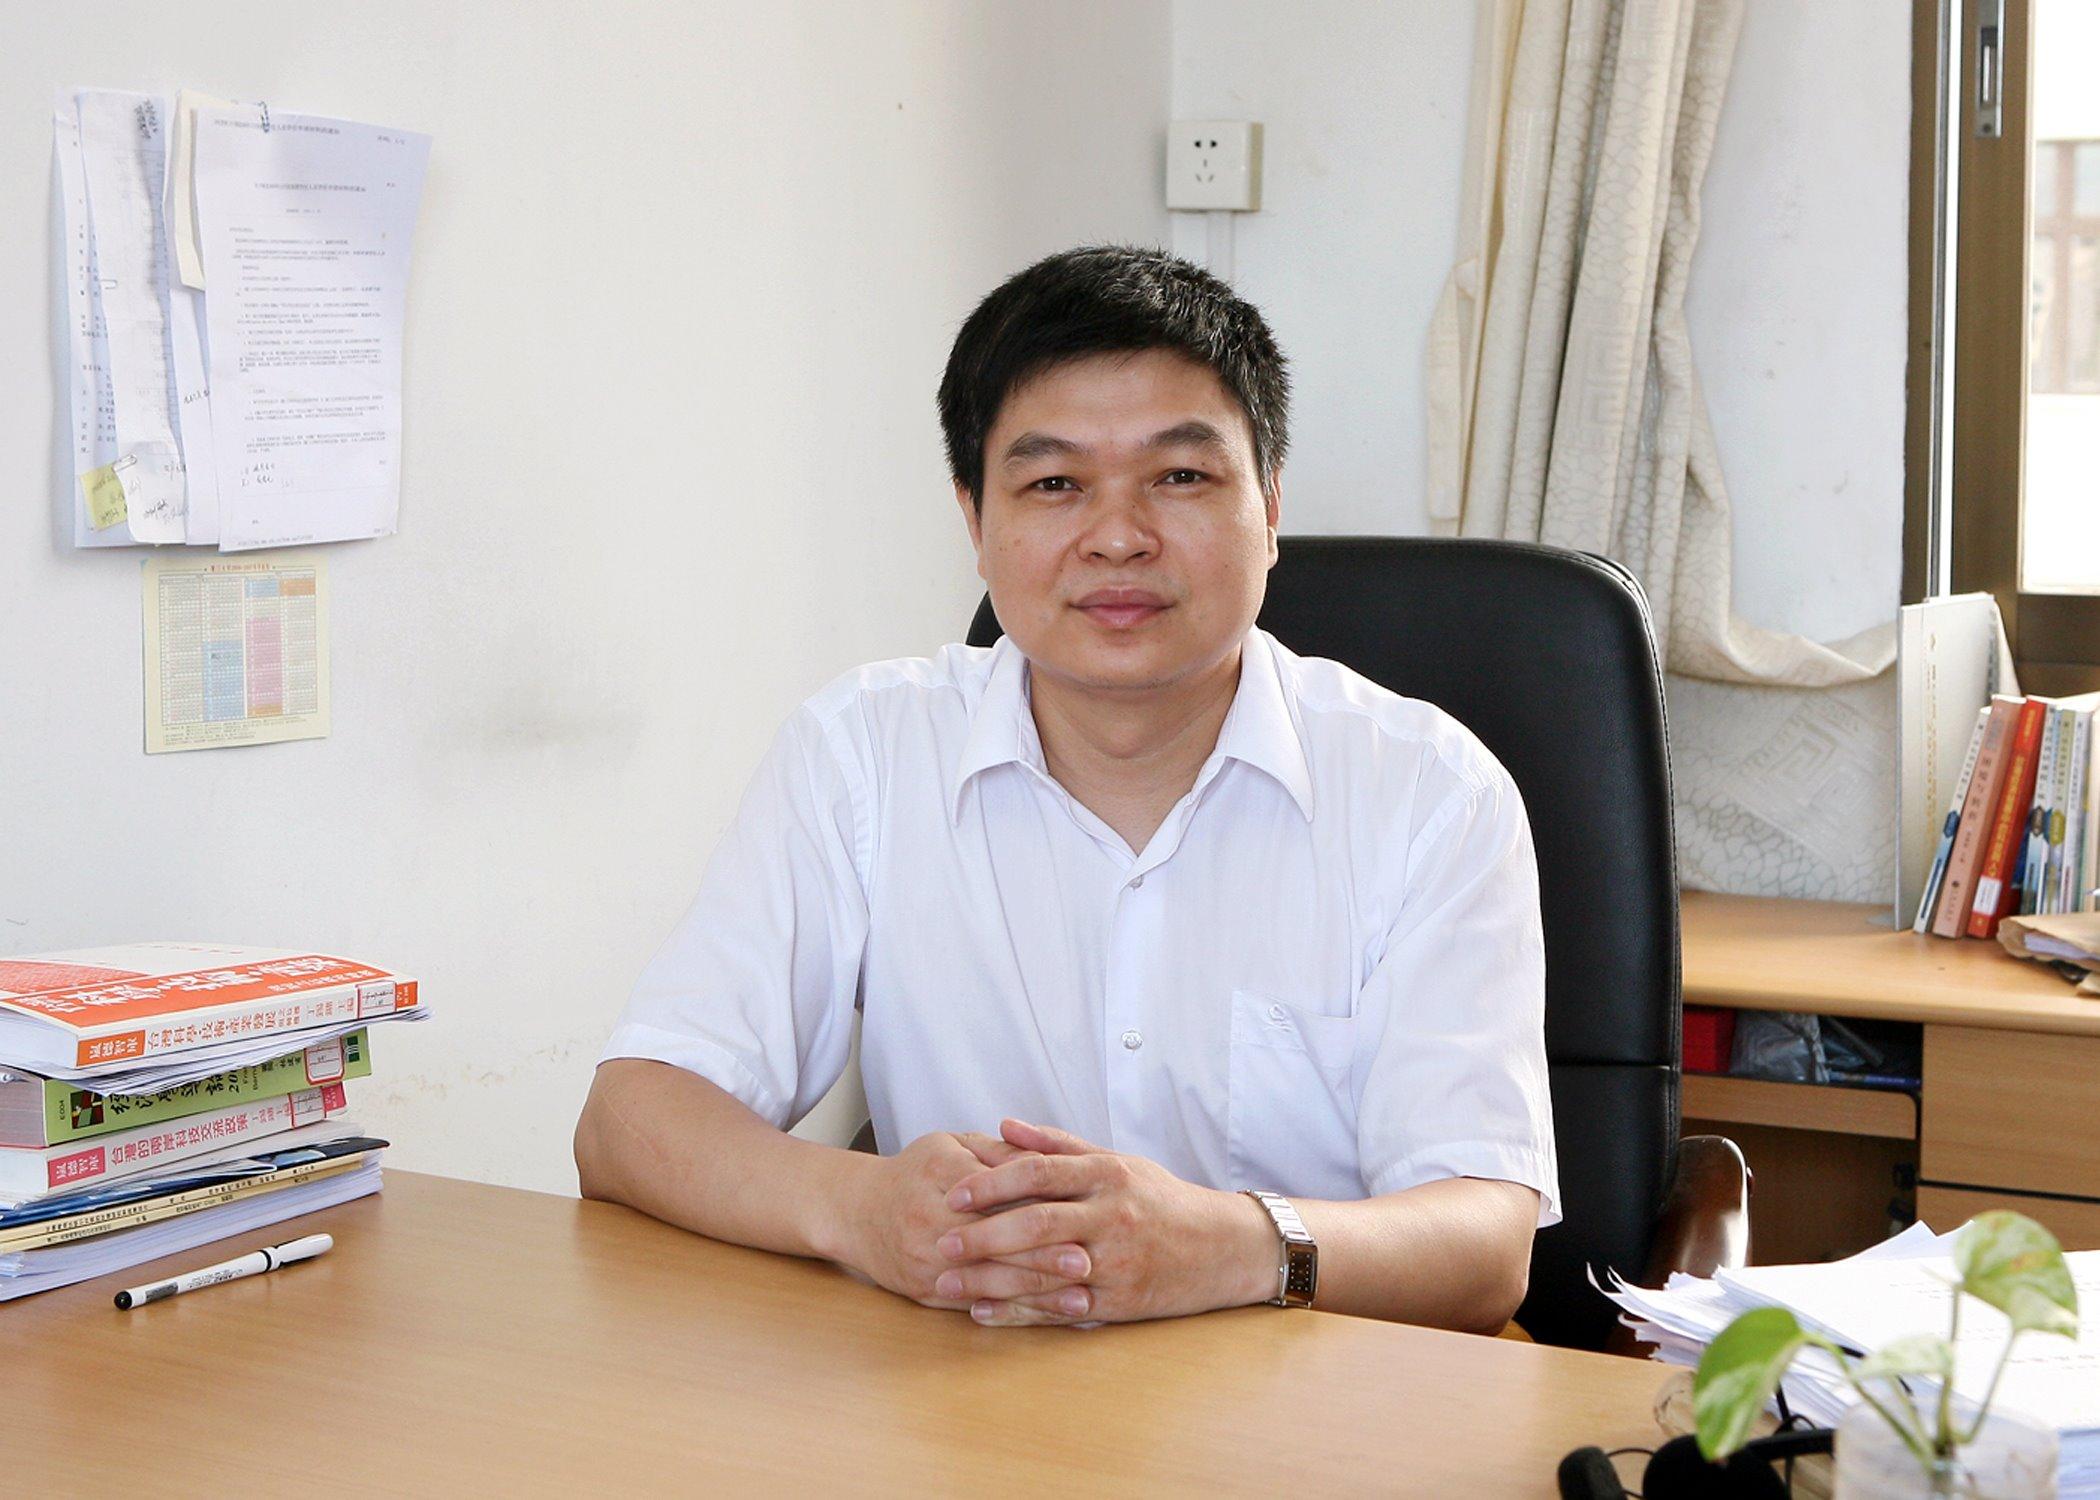 厦门大学港澳台研究中心主任李非:解决台湾问题是矢志不渝的历史任务和时代命题